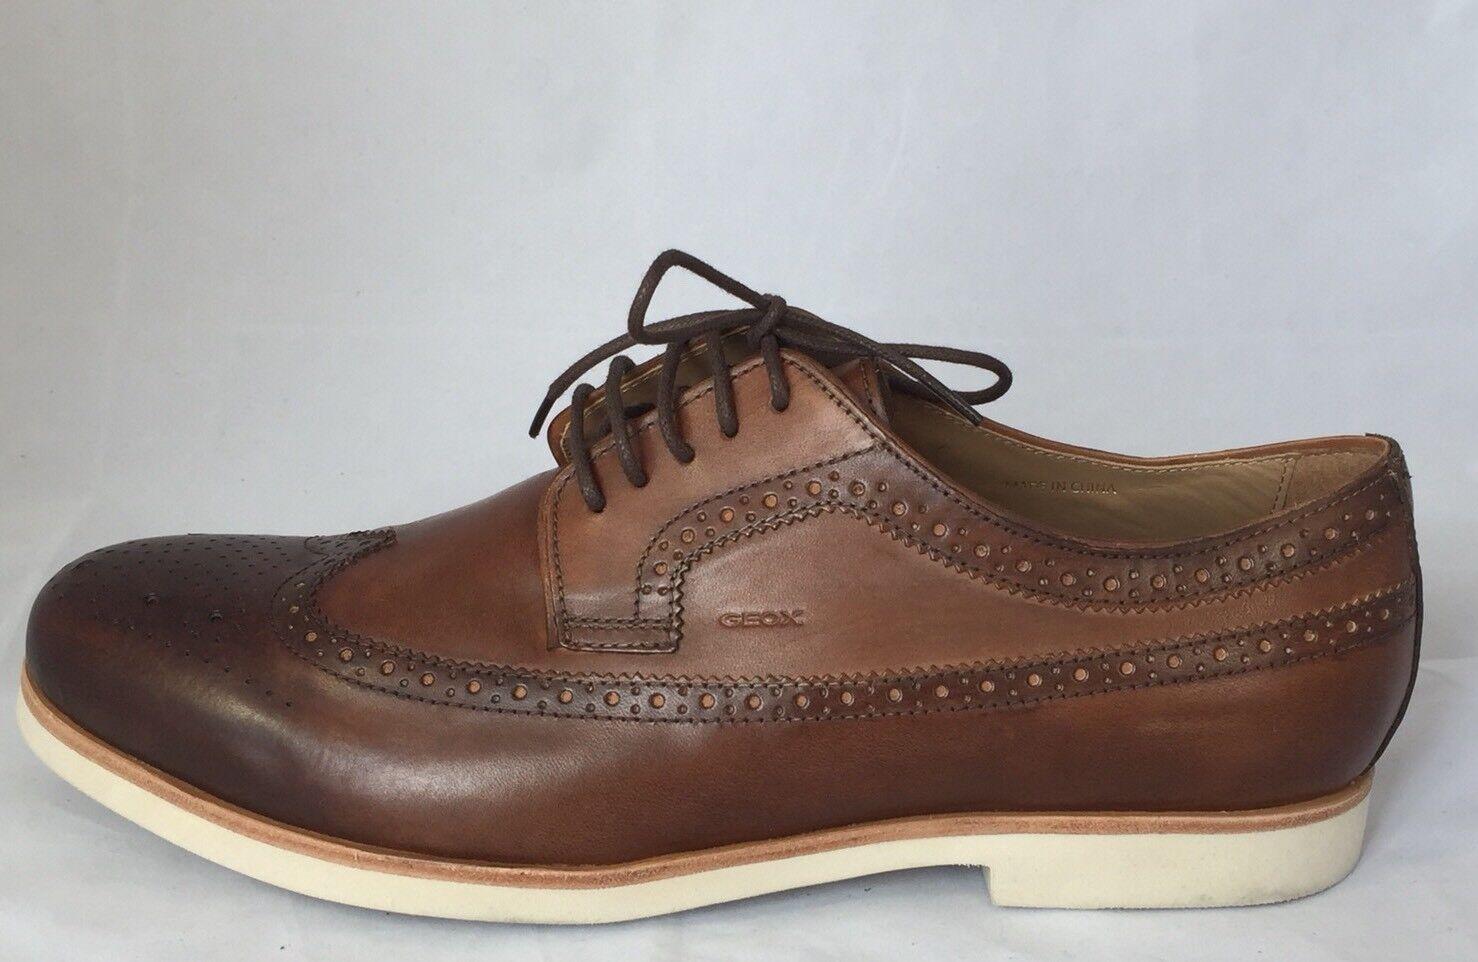 New Geox Respira U Manuel F Men Brogues shoes Cognac Leather 12.5